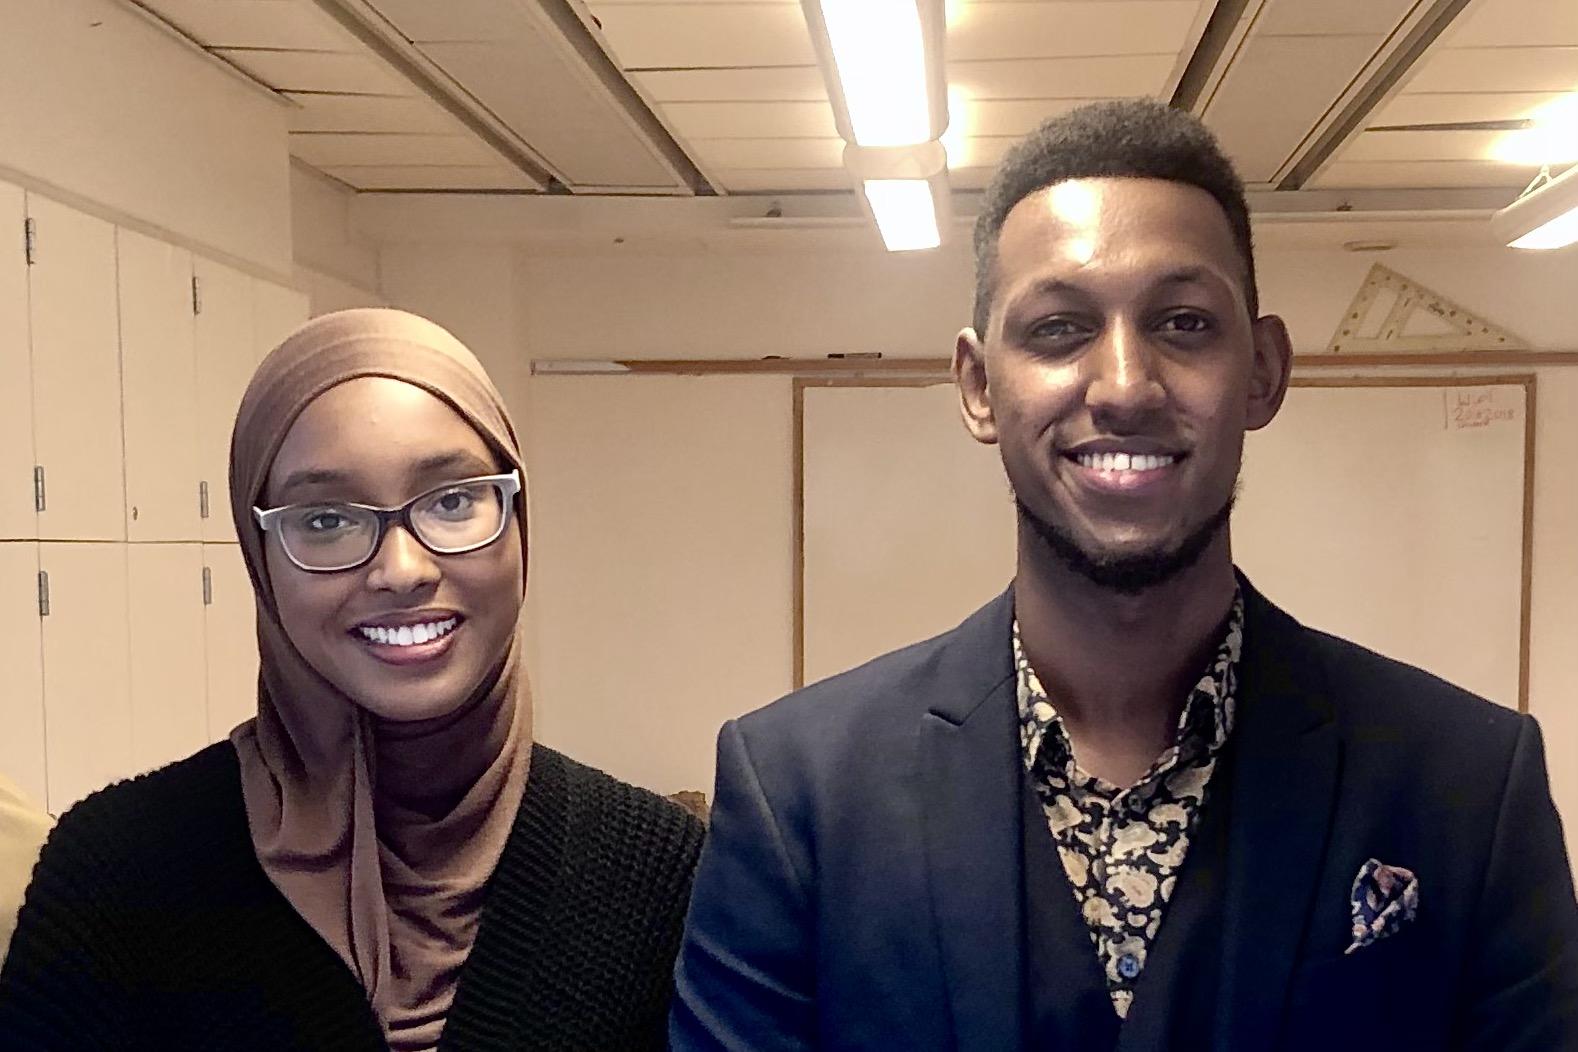 Ung kvinna i hijab och glasögon bredvid ung man i kostym. Båda ler